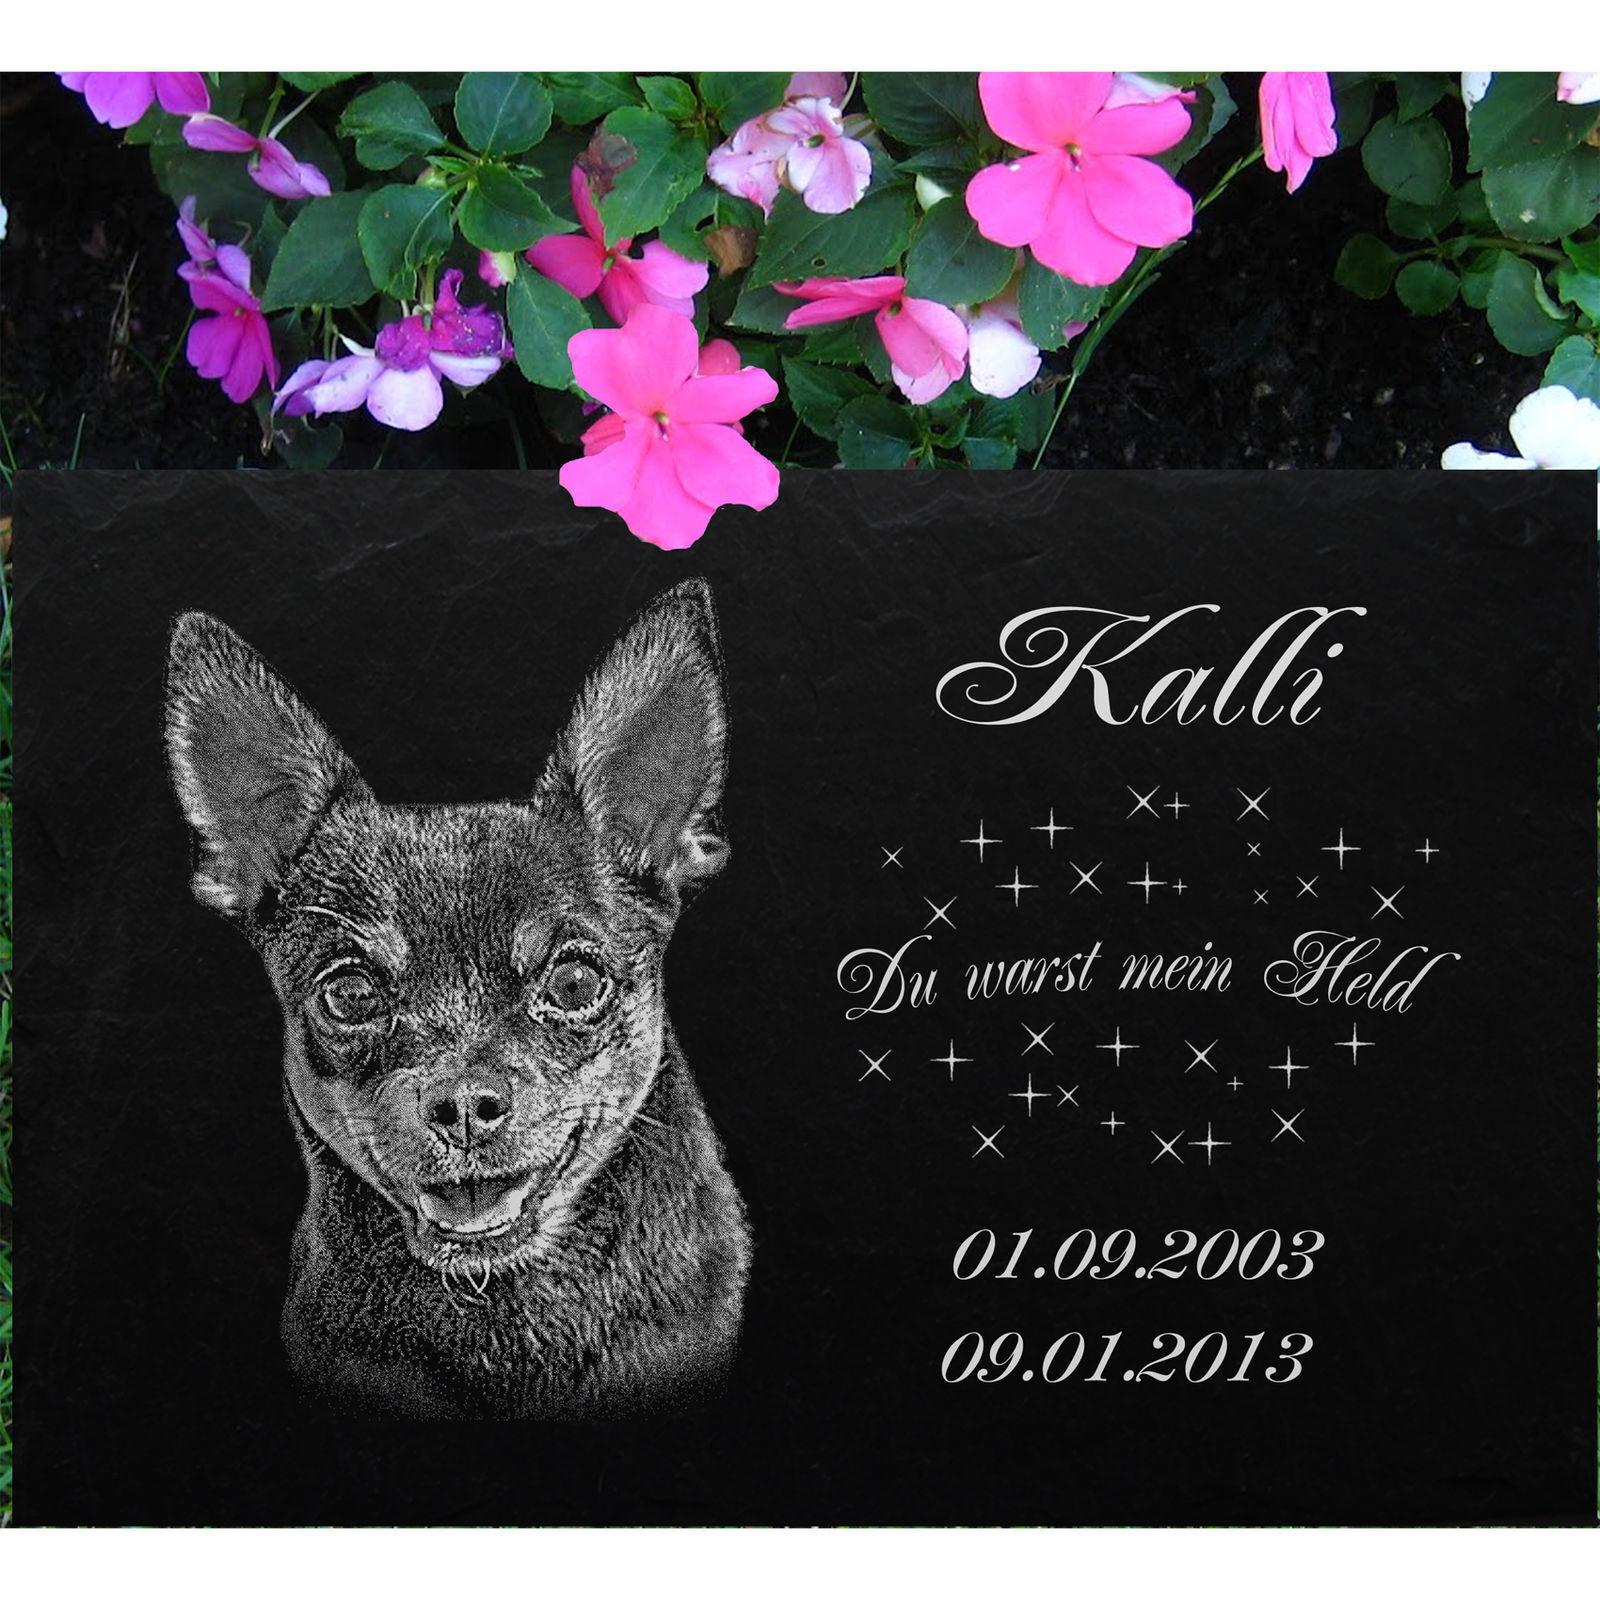 GRABSTEIN Tiergrabstein Grabschmuck Hunde Grab Hund-022 ► Fotogravur ◄50 x 25 cm